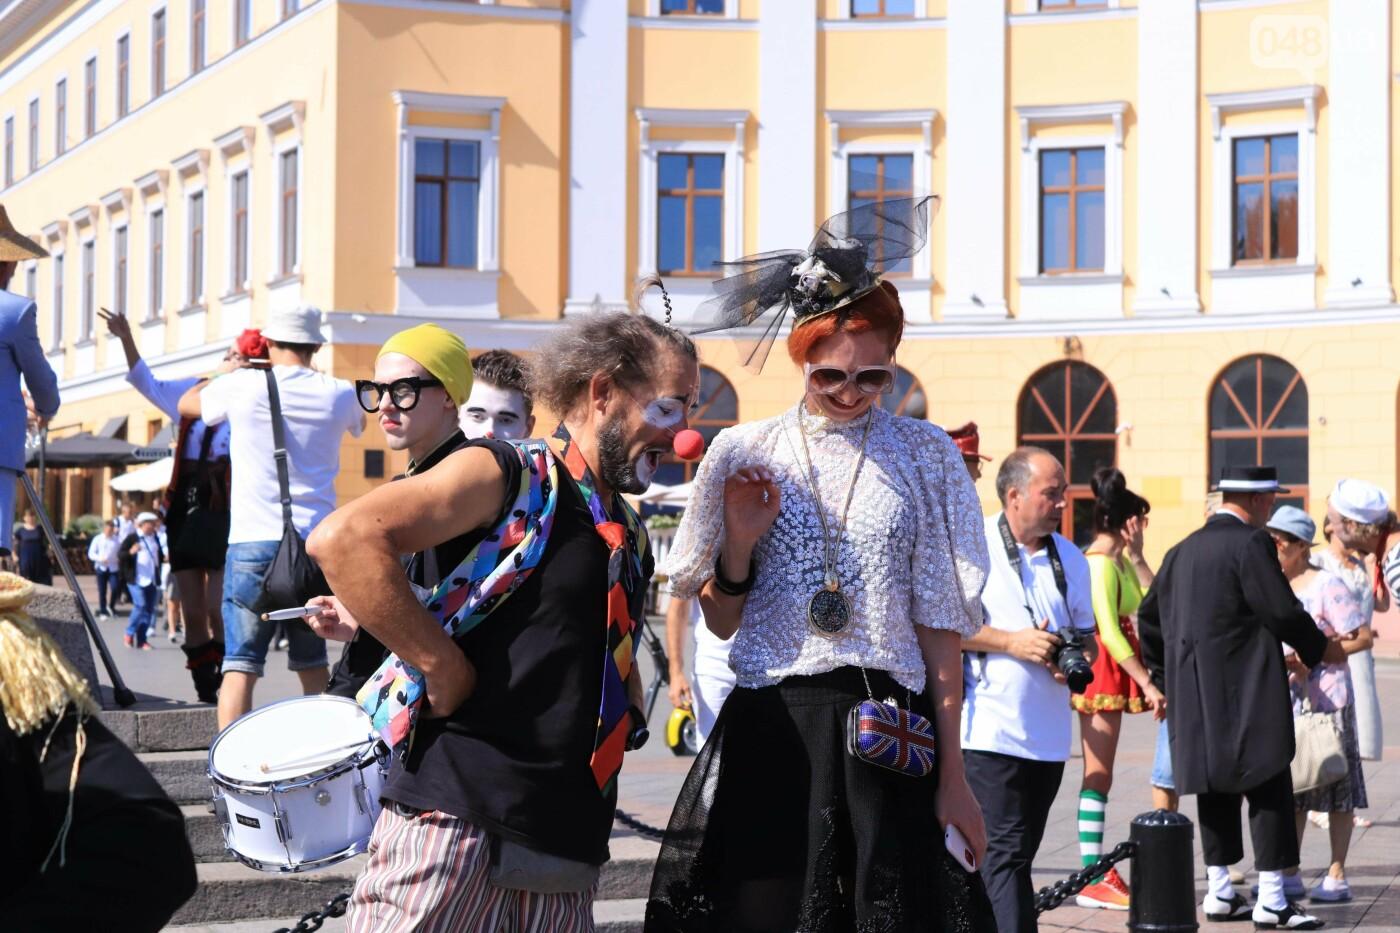 Парад клоунов в Одессе: яркая колонна шла от Дюка в Горсад, - ФОТО, ВИДЕО, СТРИМ, фото-5